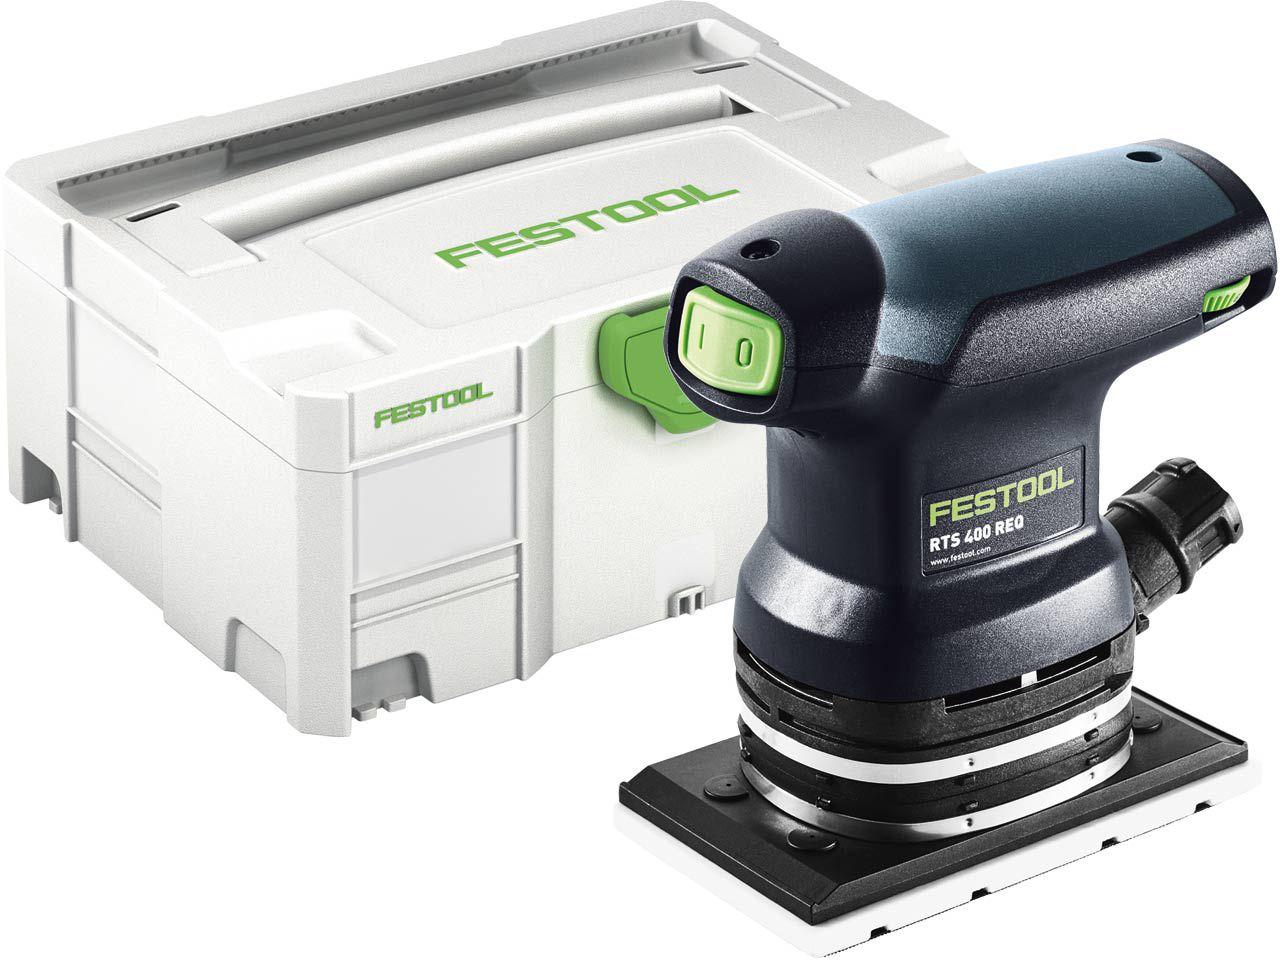 Festool RTS 400 REQ-Plus vibrační bruska, elektronika MMC, 250W, 80x130mm, 1.2kg, v Systaineru SYS 2 T-LOC (574634)